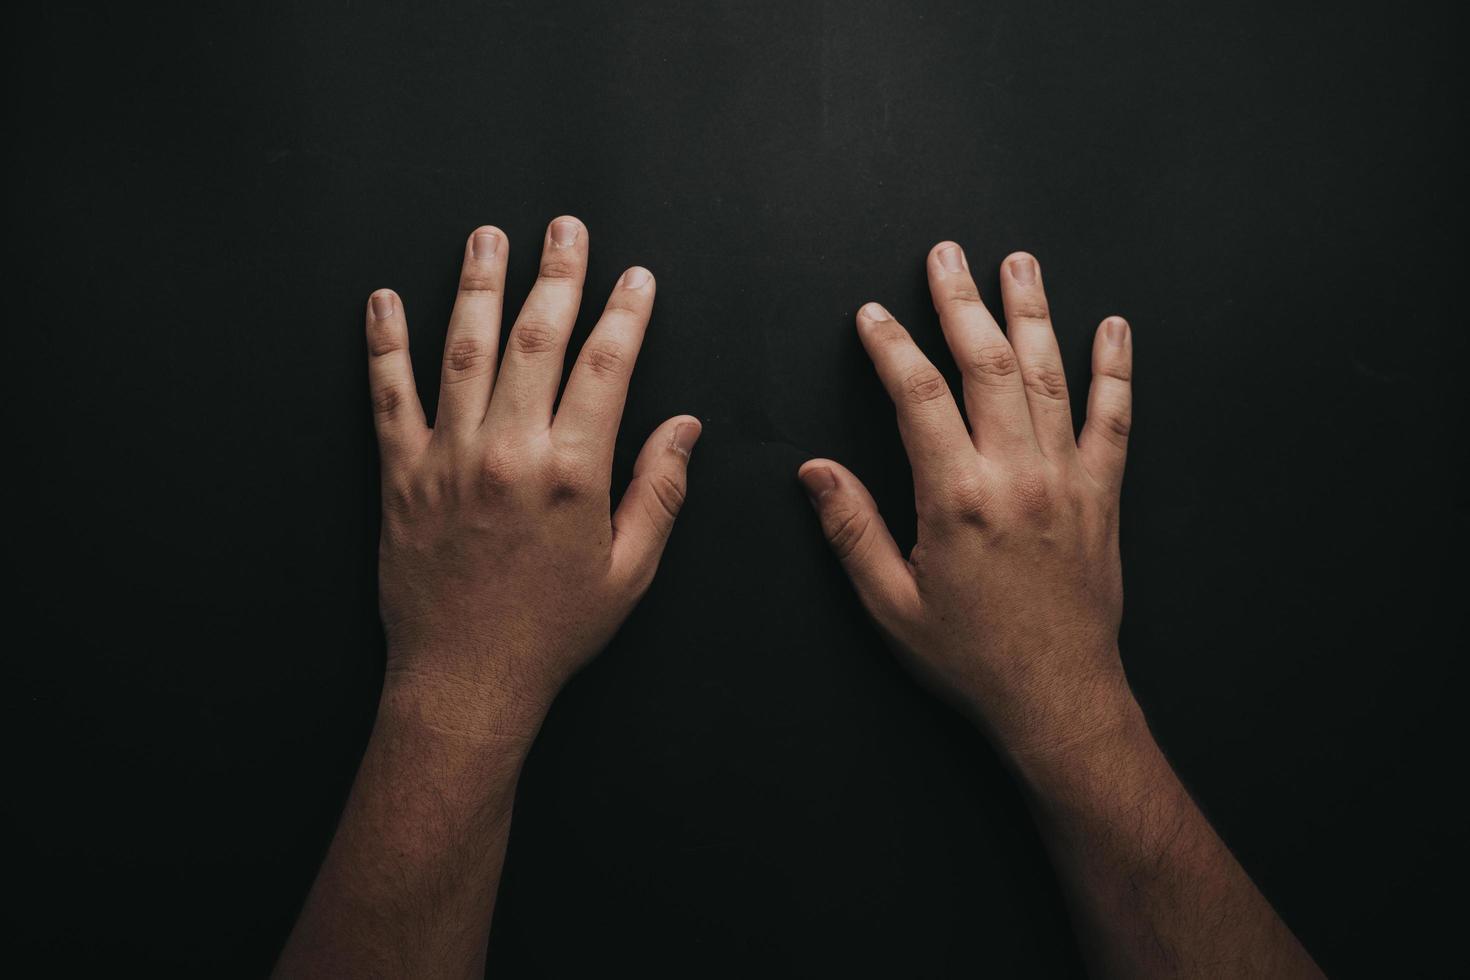 Hände auf schwarzem Hintergrund foto